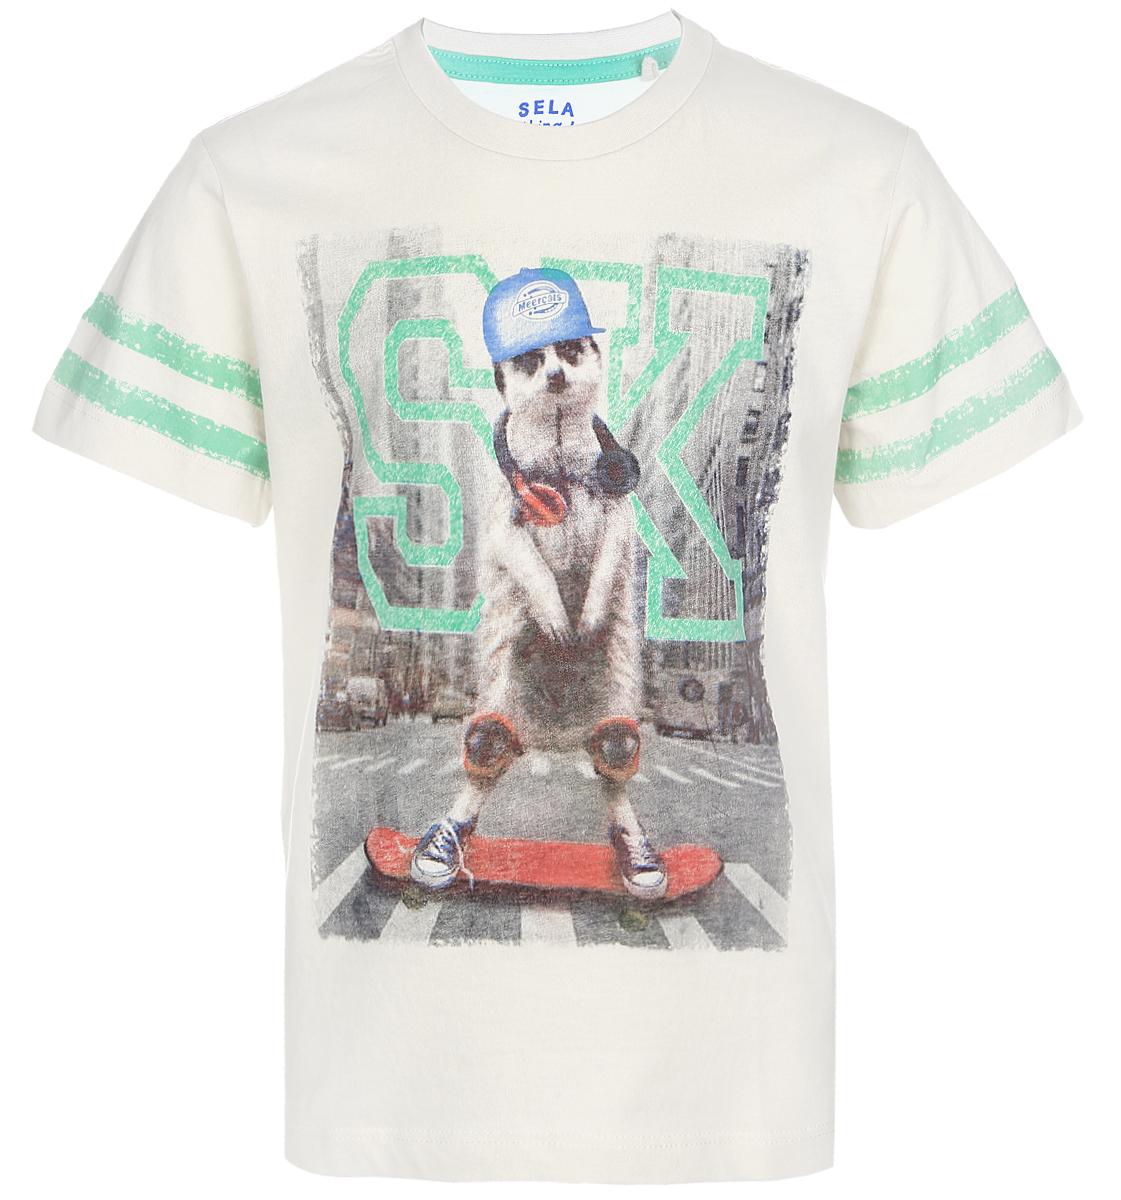 ФутболкаTs-711/417-7122Стильная футболка для мальчика Sela изготовлена из натурального хлопка и оформлена оригинальным принтом. Воротник дополнен мягкой трикотажной резинкой. Яркий цвет модели позволяет создавать модные образы.